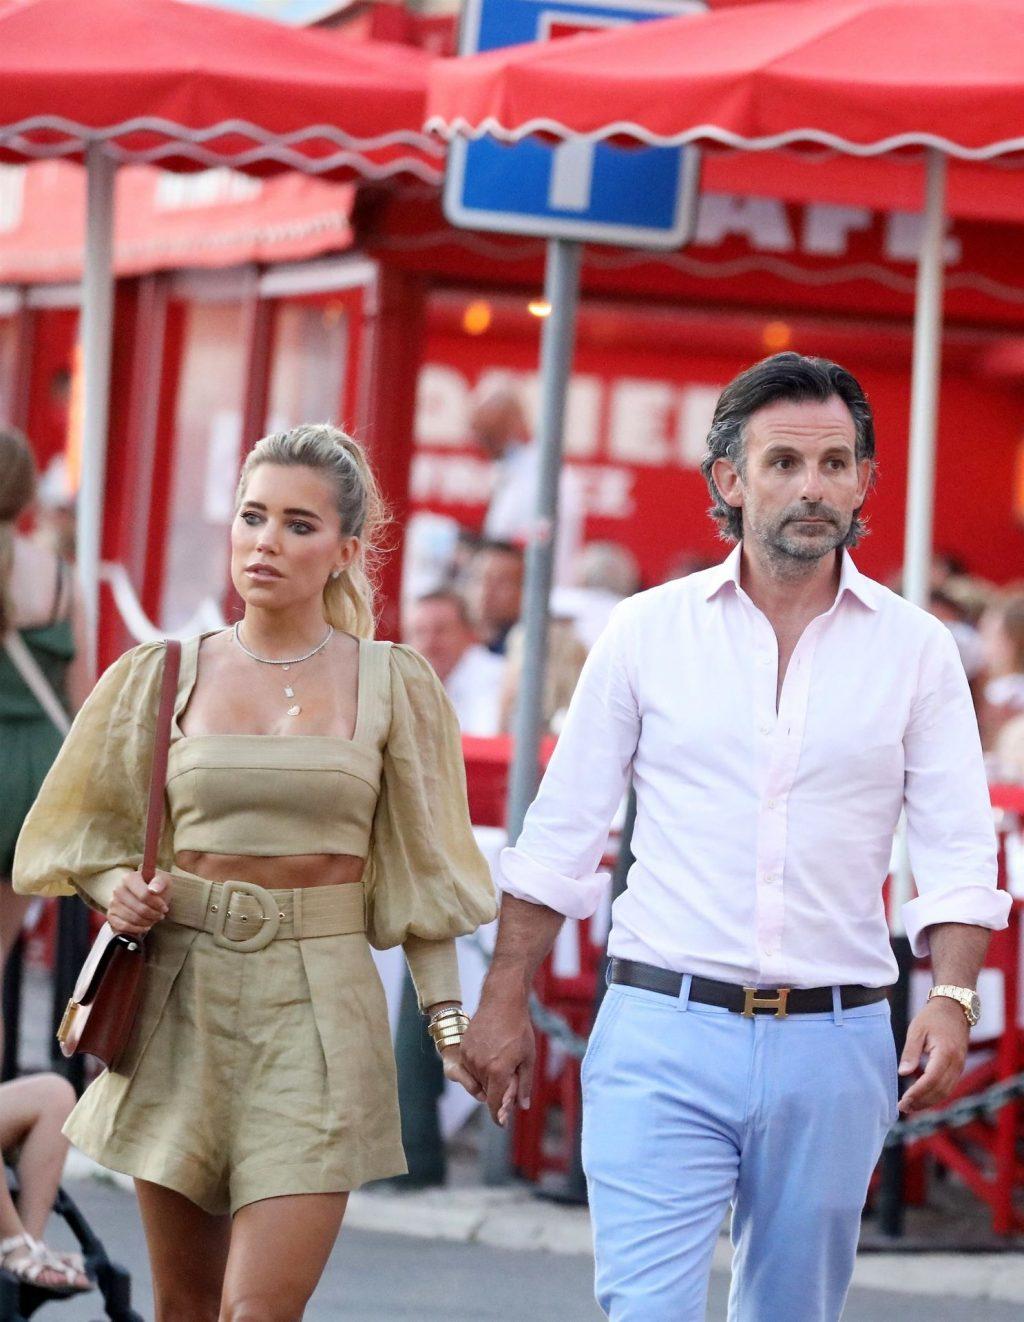 Sylvie Meis and Niclas Castello Take a Stroll Through the Port of Saint-Tropez (25 Photos)